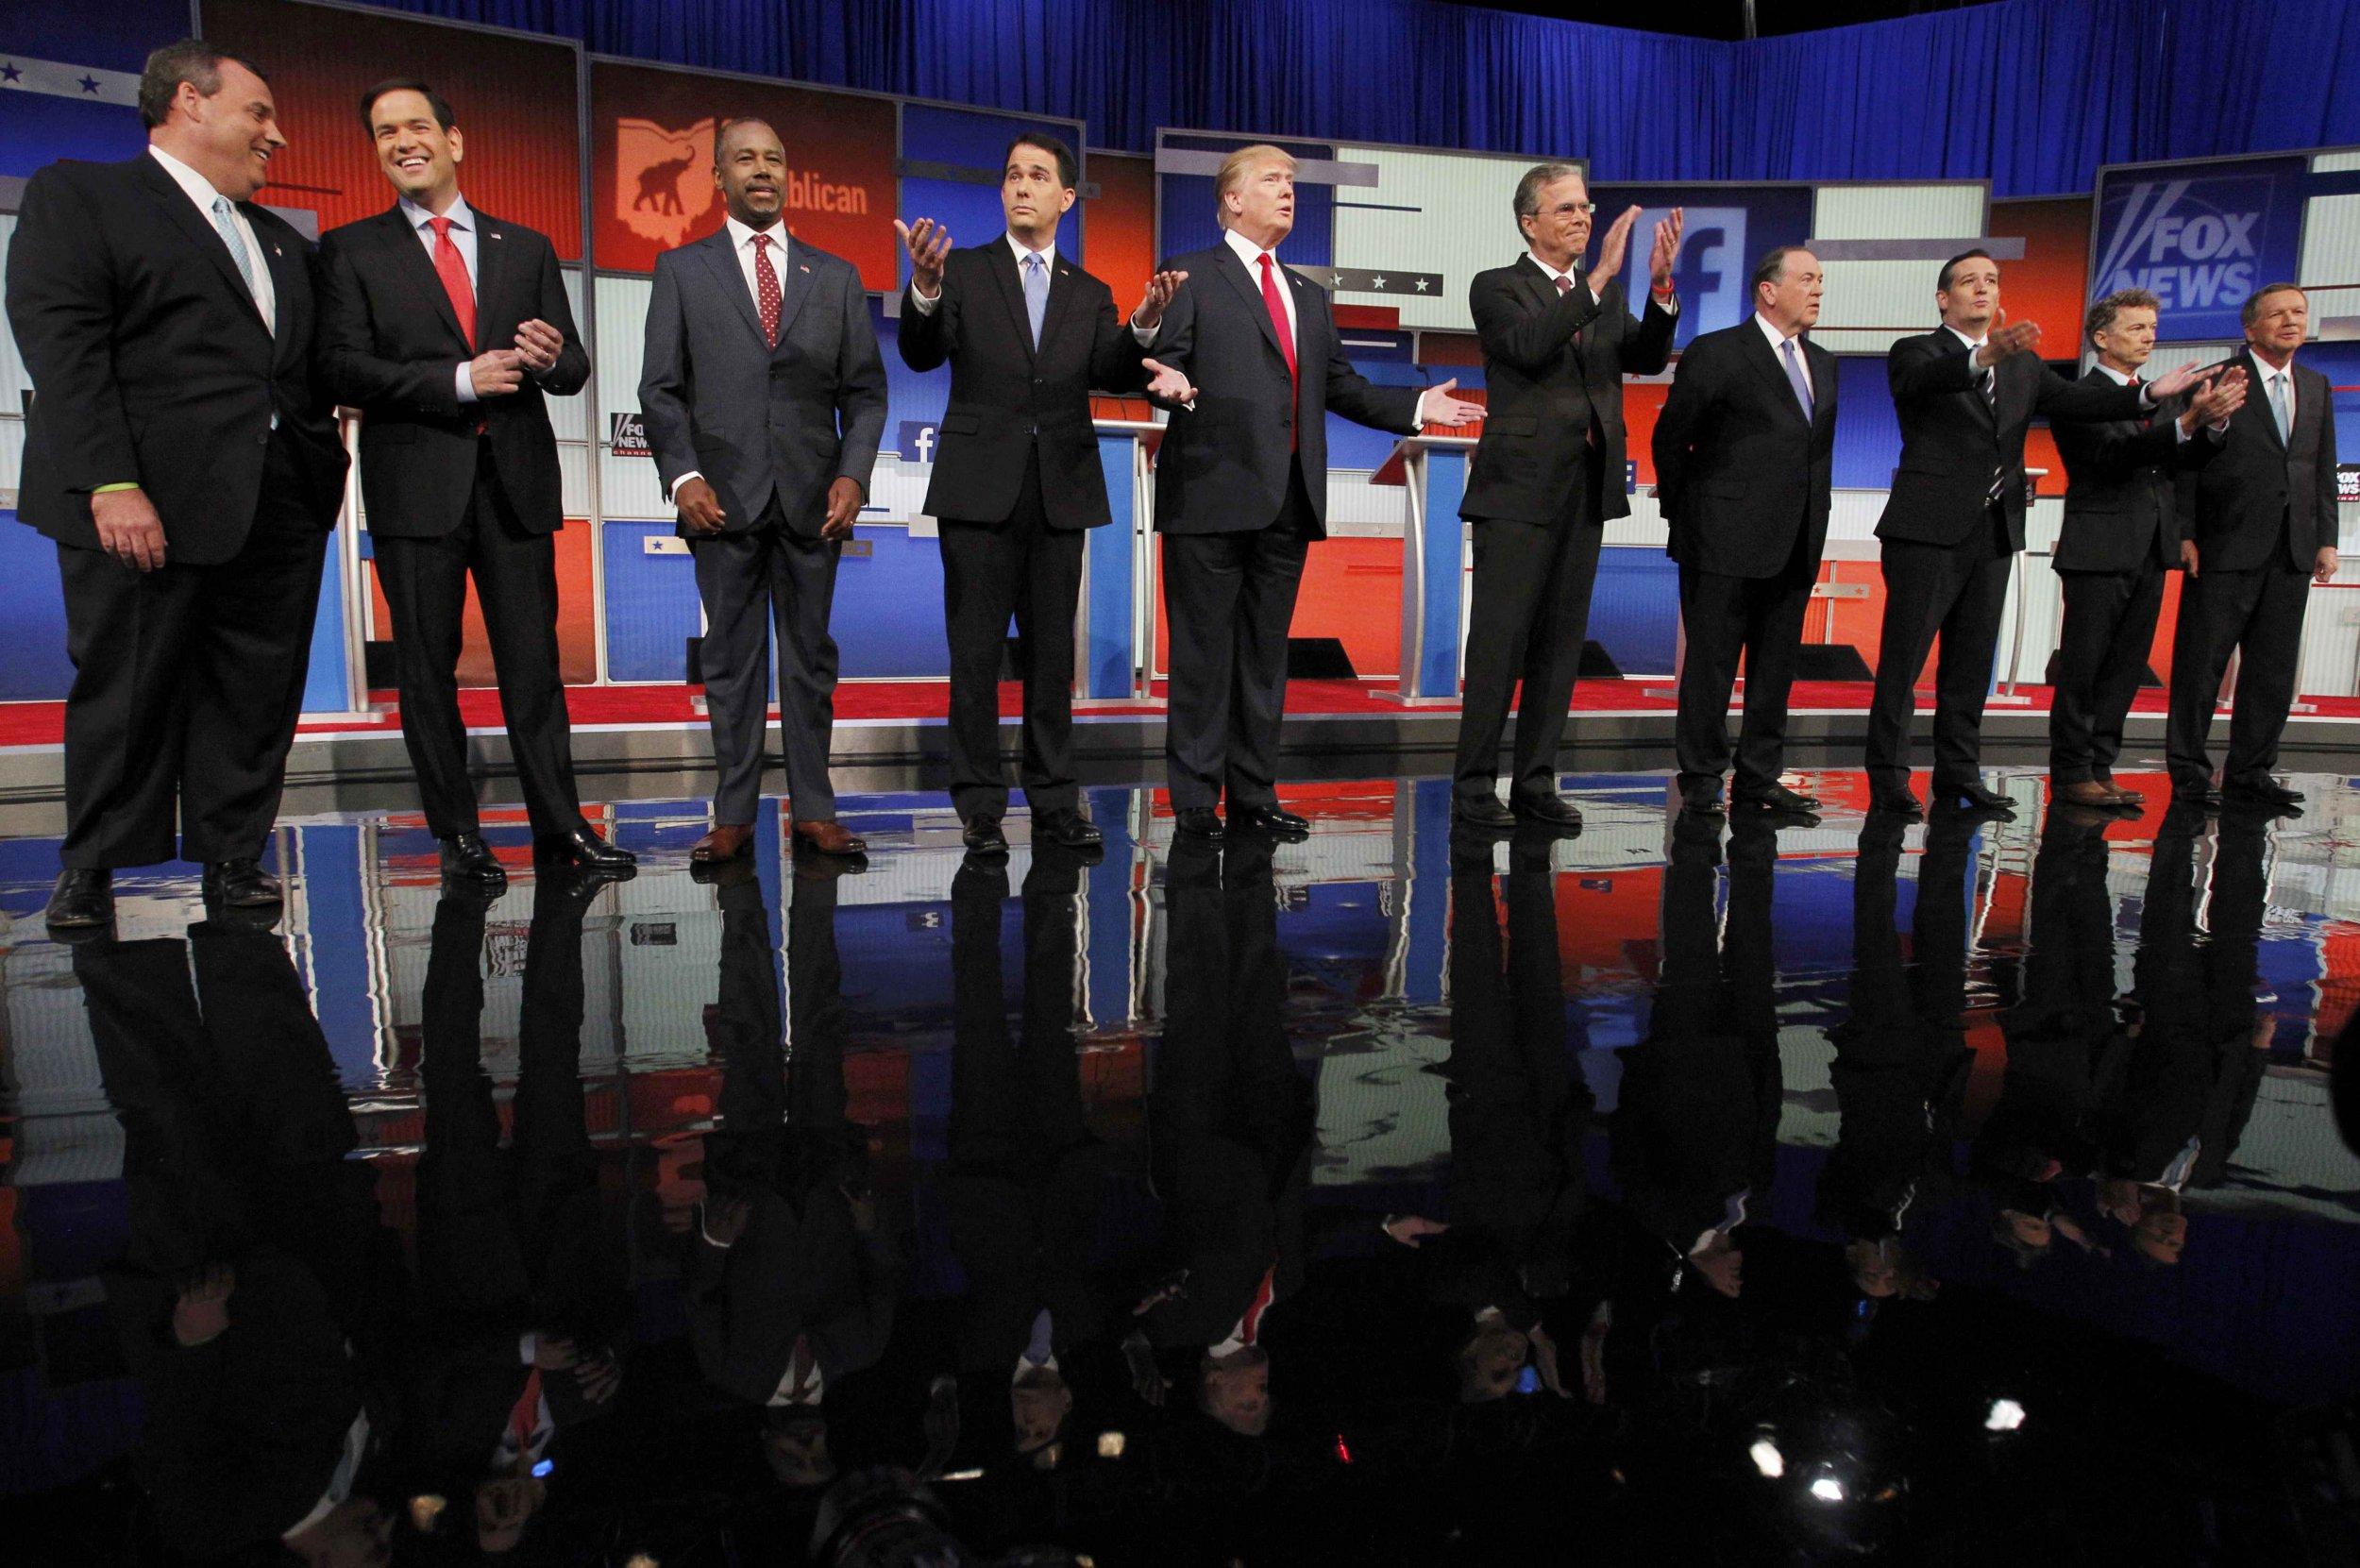 republican-presidential-debate.JPG